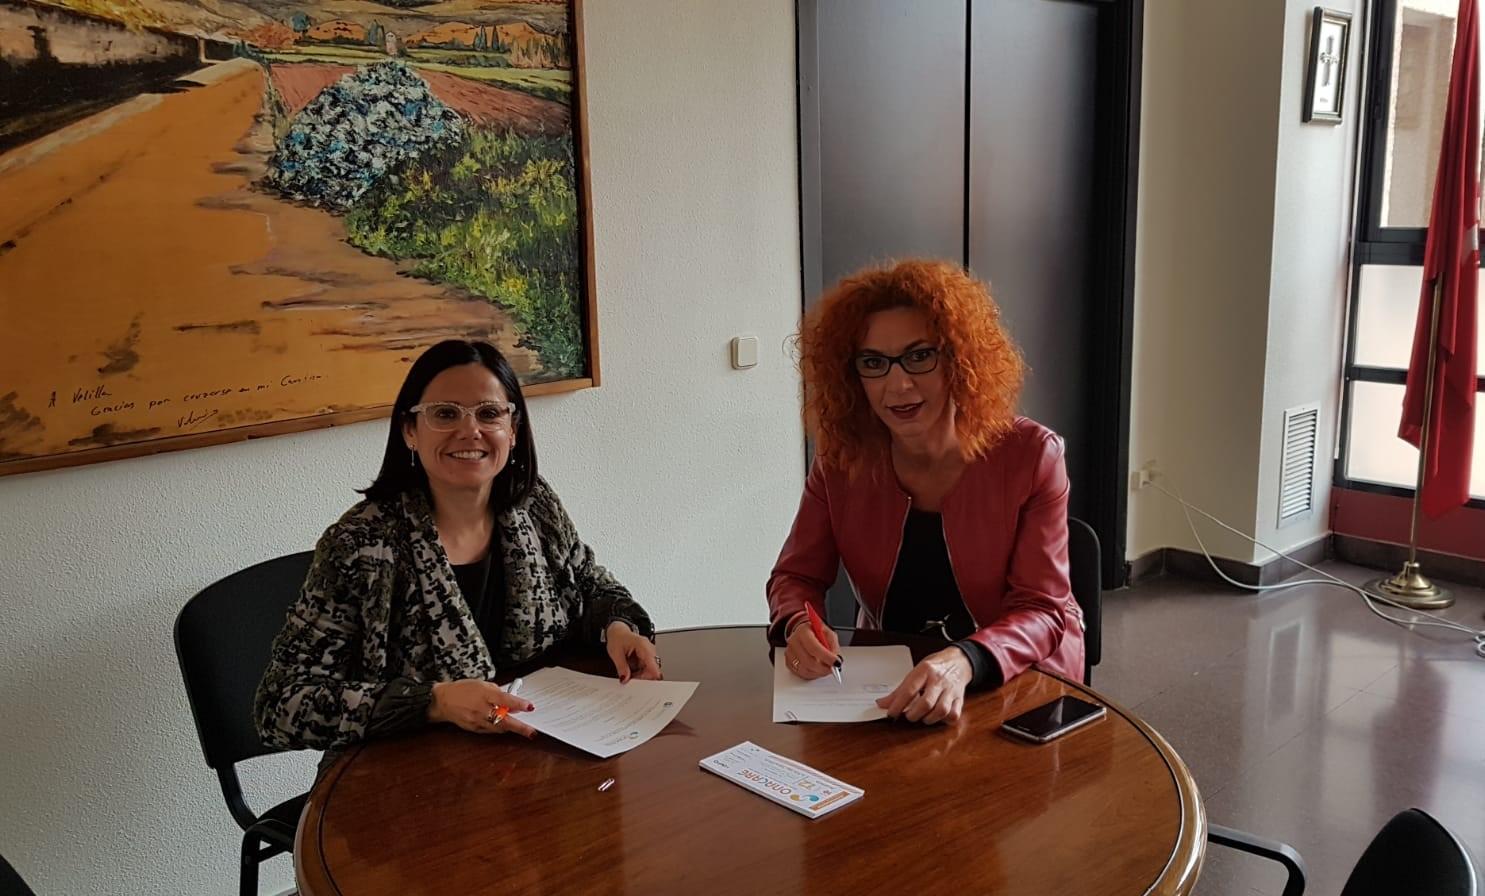 La Alcaldesa de Velilla ha firmado un convenio con la empresa OnaCare para fomentar el empleo en el municipio